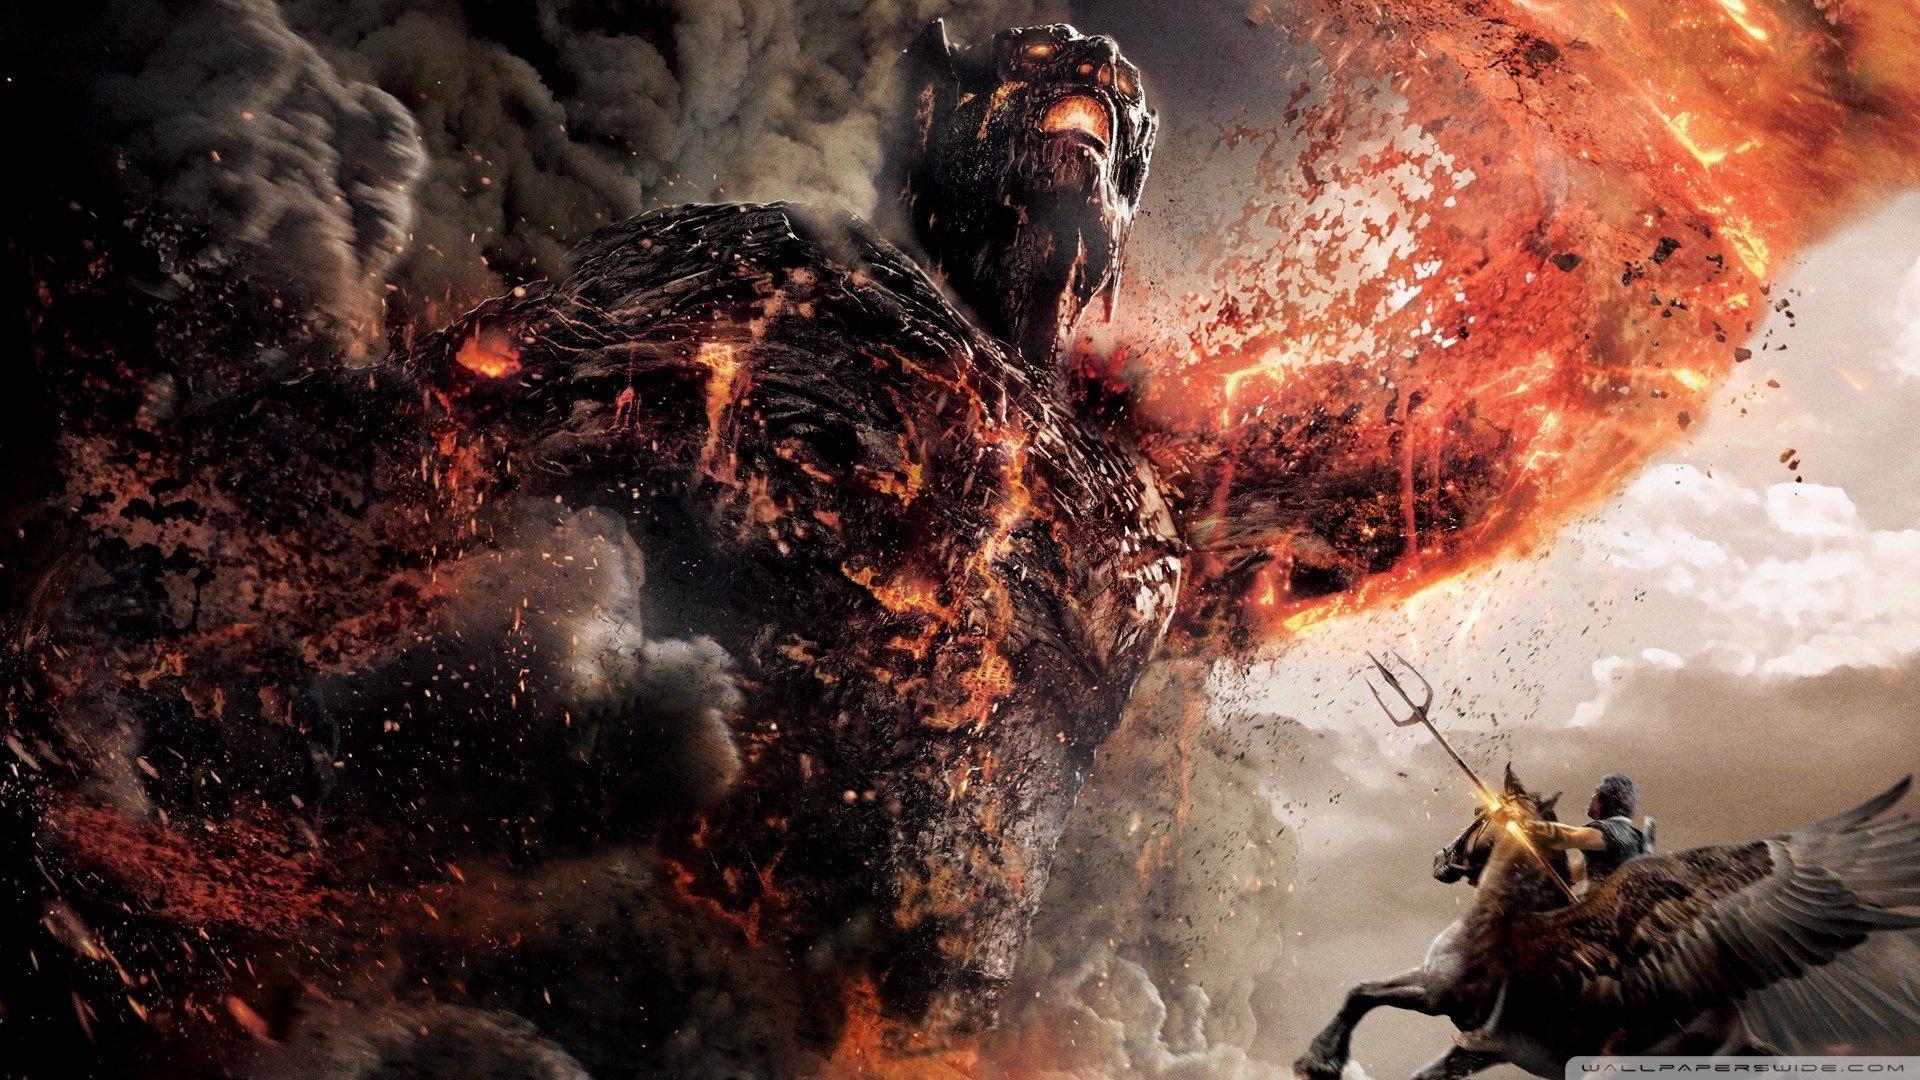 Wrath Of The Titans Wallpaper 3   1920 X 1080 stmednet 1920x1080